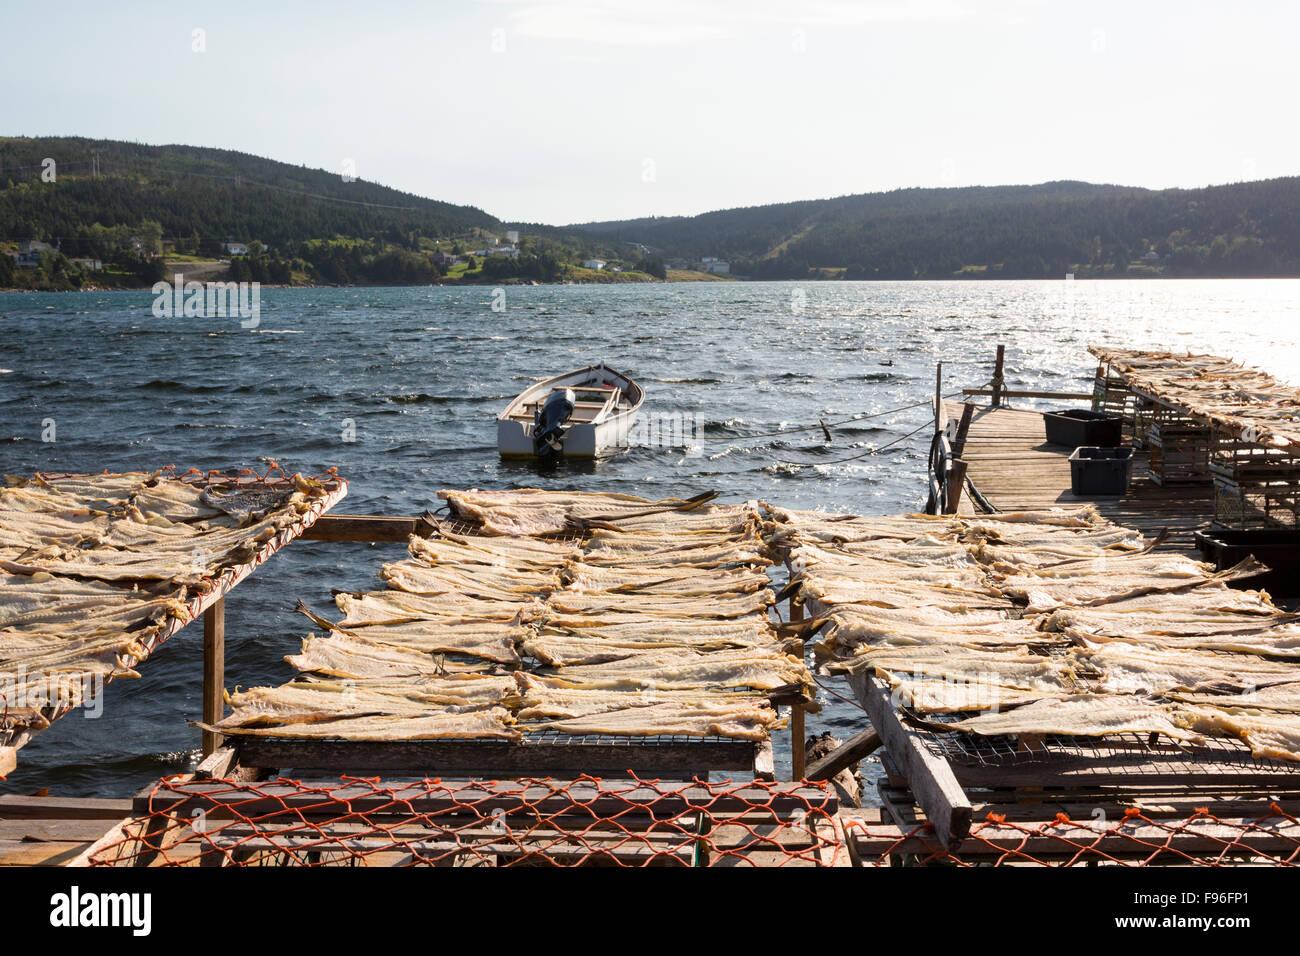 Cod stenditoi, cuore del contenuto, Terranova, Canada Immagini Stock